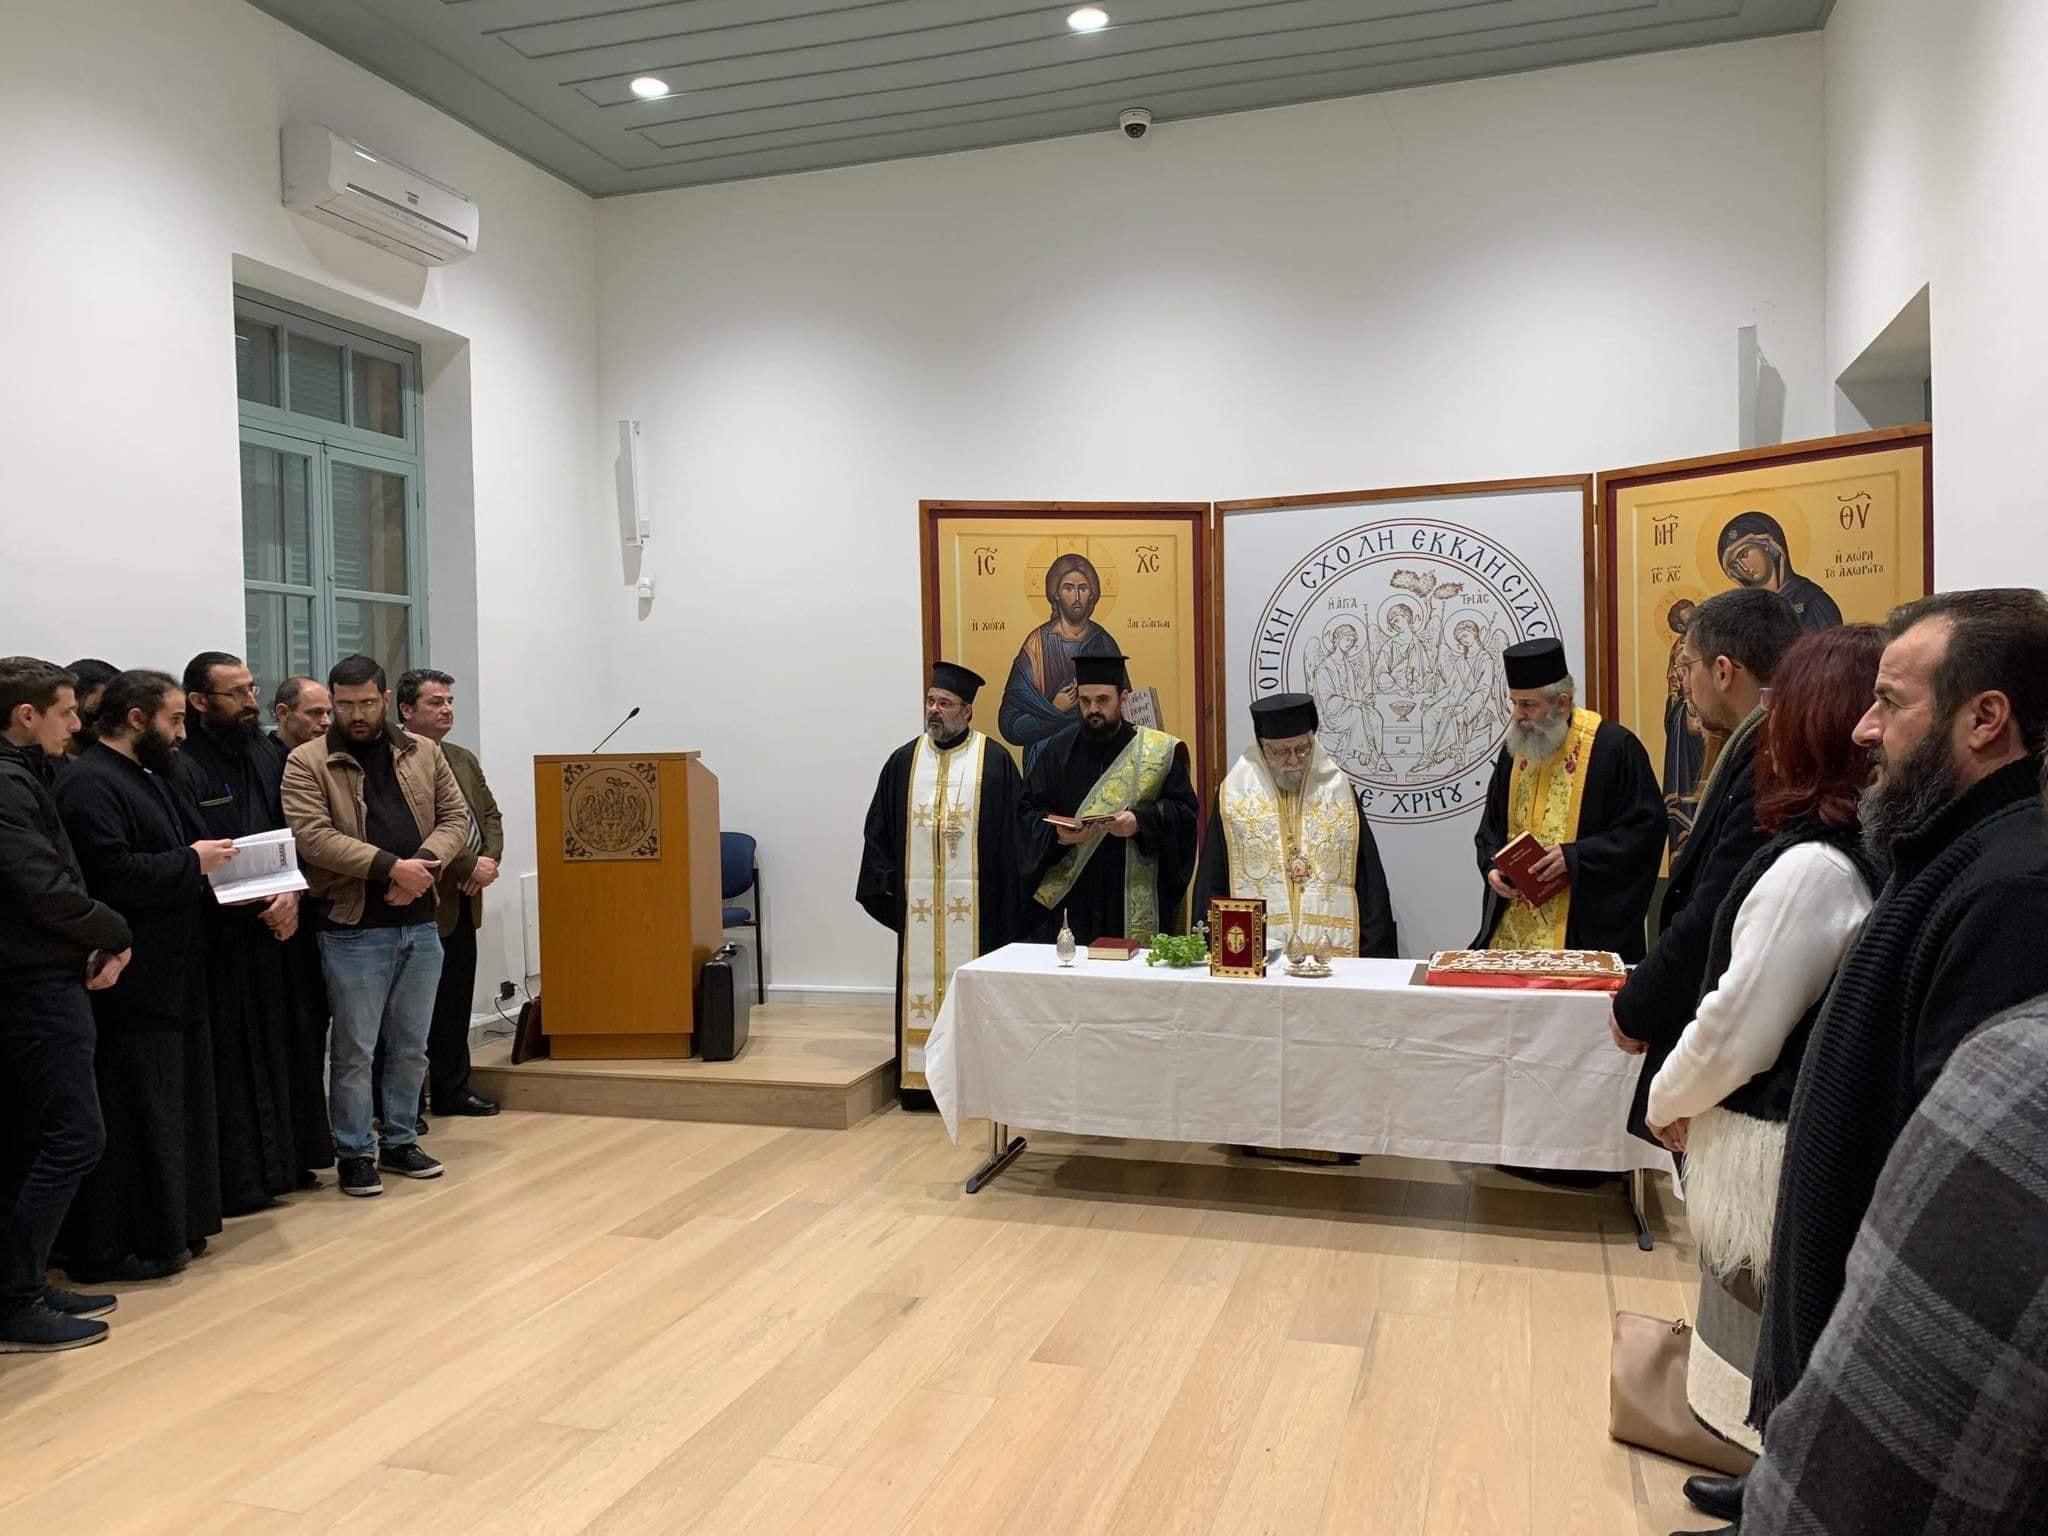 Αγιασμός και έναρξη μαθημάτων κατά το νέο έτος στη Θεολογική Σχολή Εκκλησίας Κύπρου